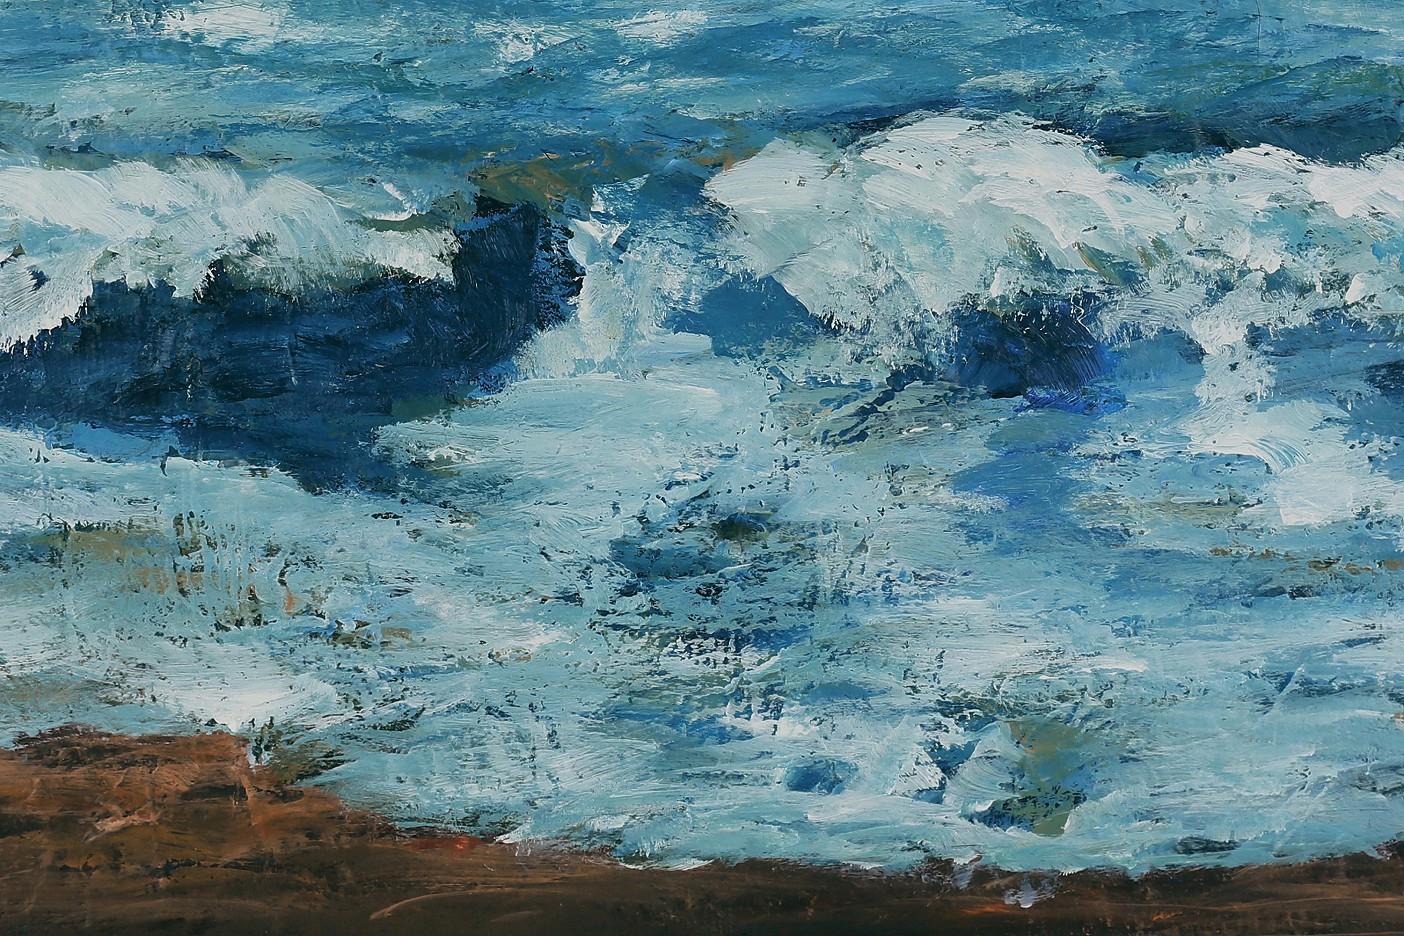 Das Meer vor Sylt